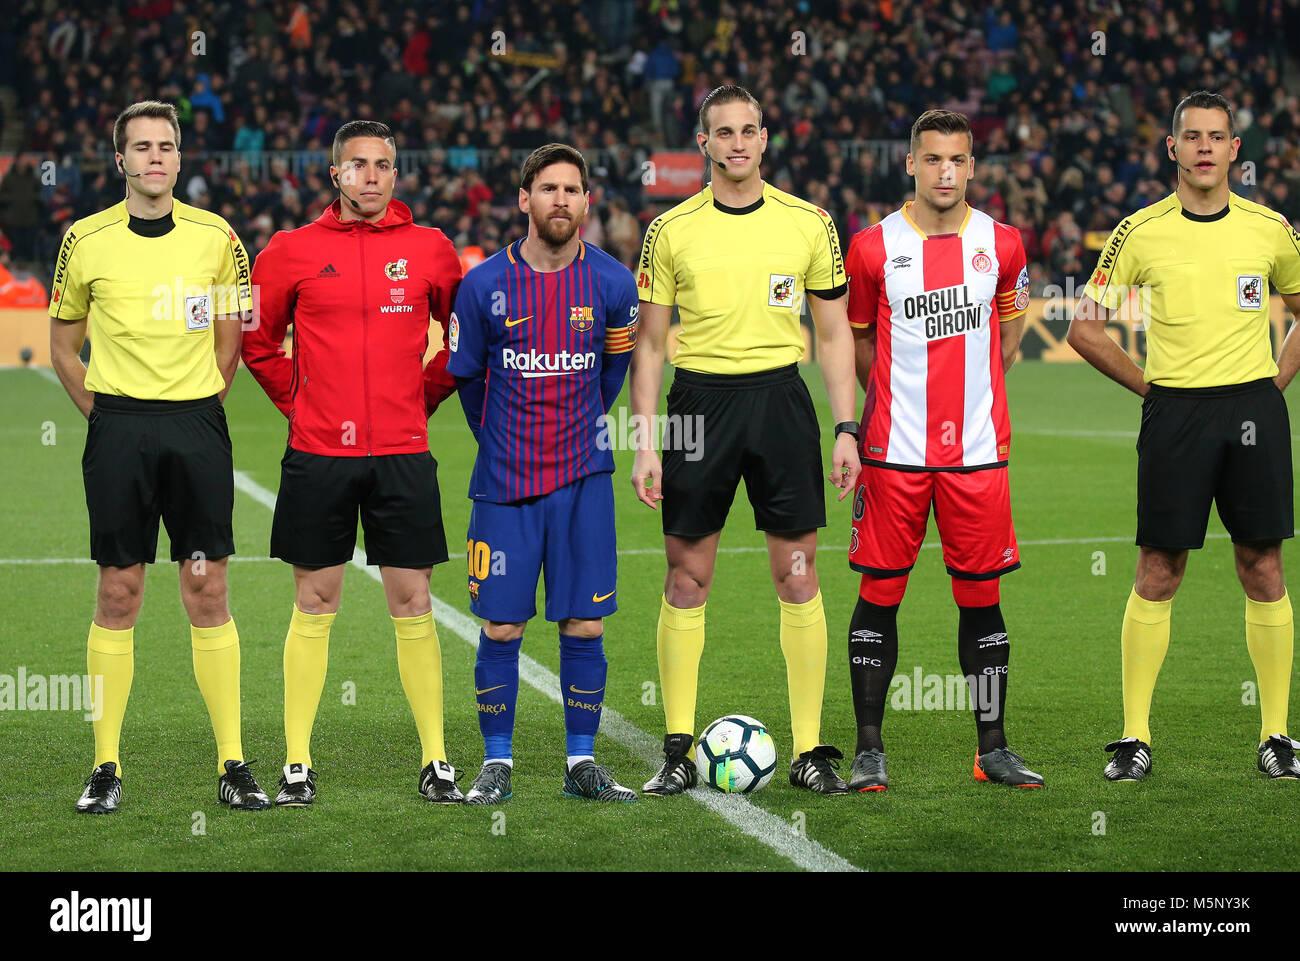 ¿Cuánto mide Àlex Granell? Barcelona-espana-25-feb-2018-leo-messi-granell-y-los-arbitros-durante-el-partido-entre-el-fc-barcelona-y-girona-fc-el-25-de-febrero-de-2018-en-barcelona-espana-credito-gtres-informacion-mas-comuniacion-on-line-slalamy-live-news-m5ny3k